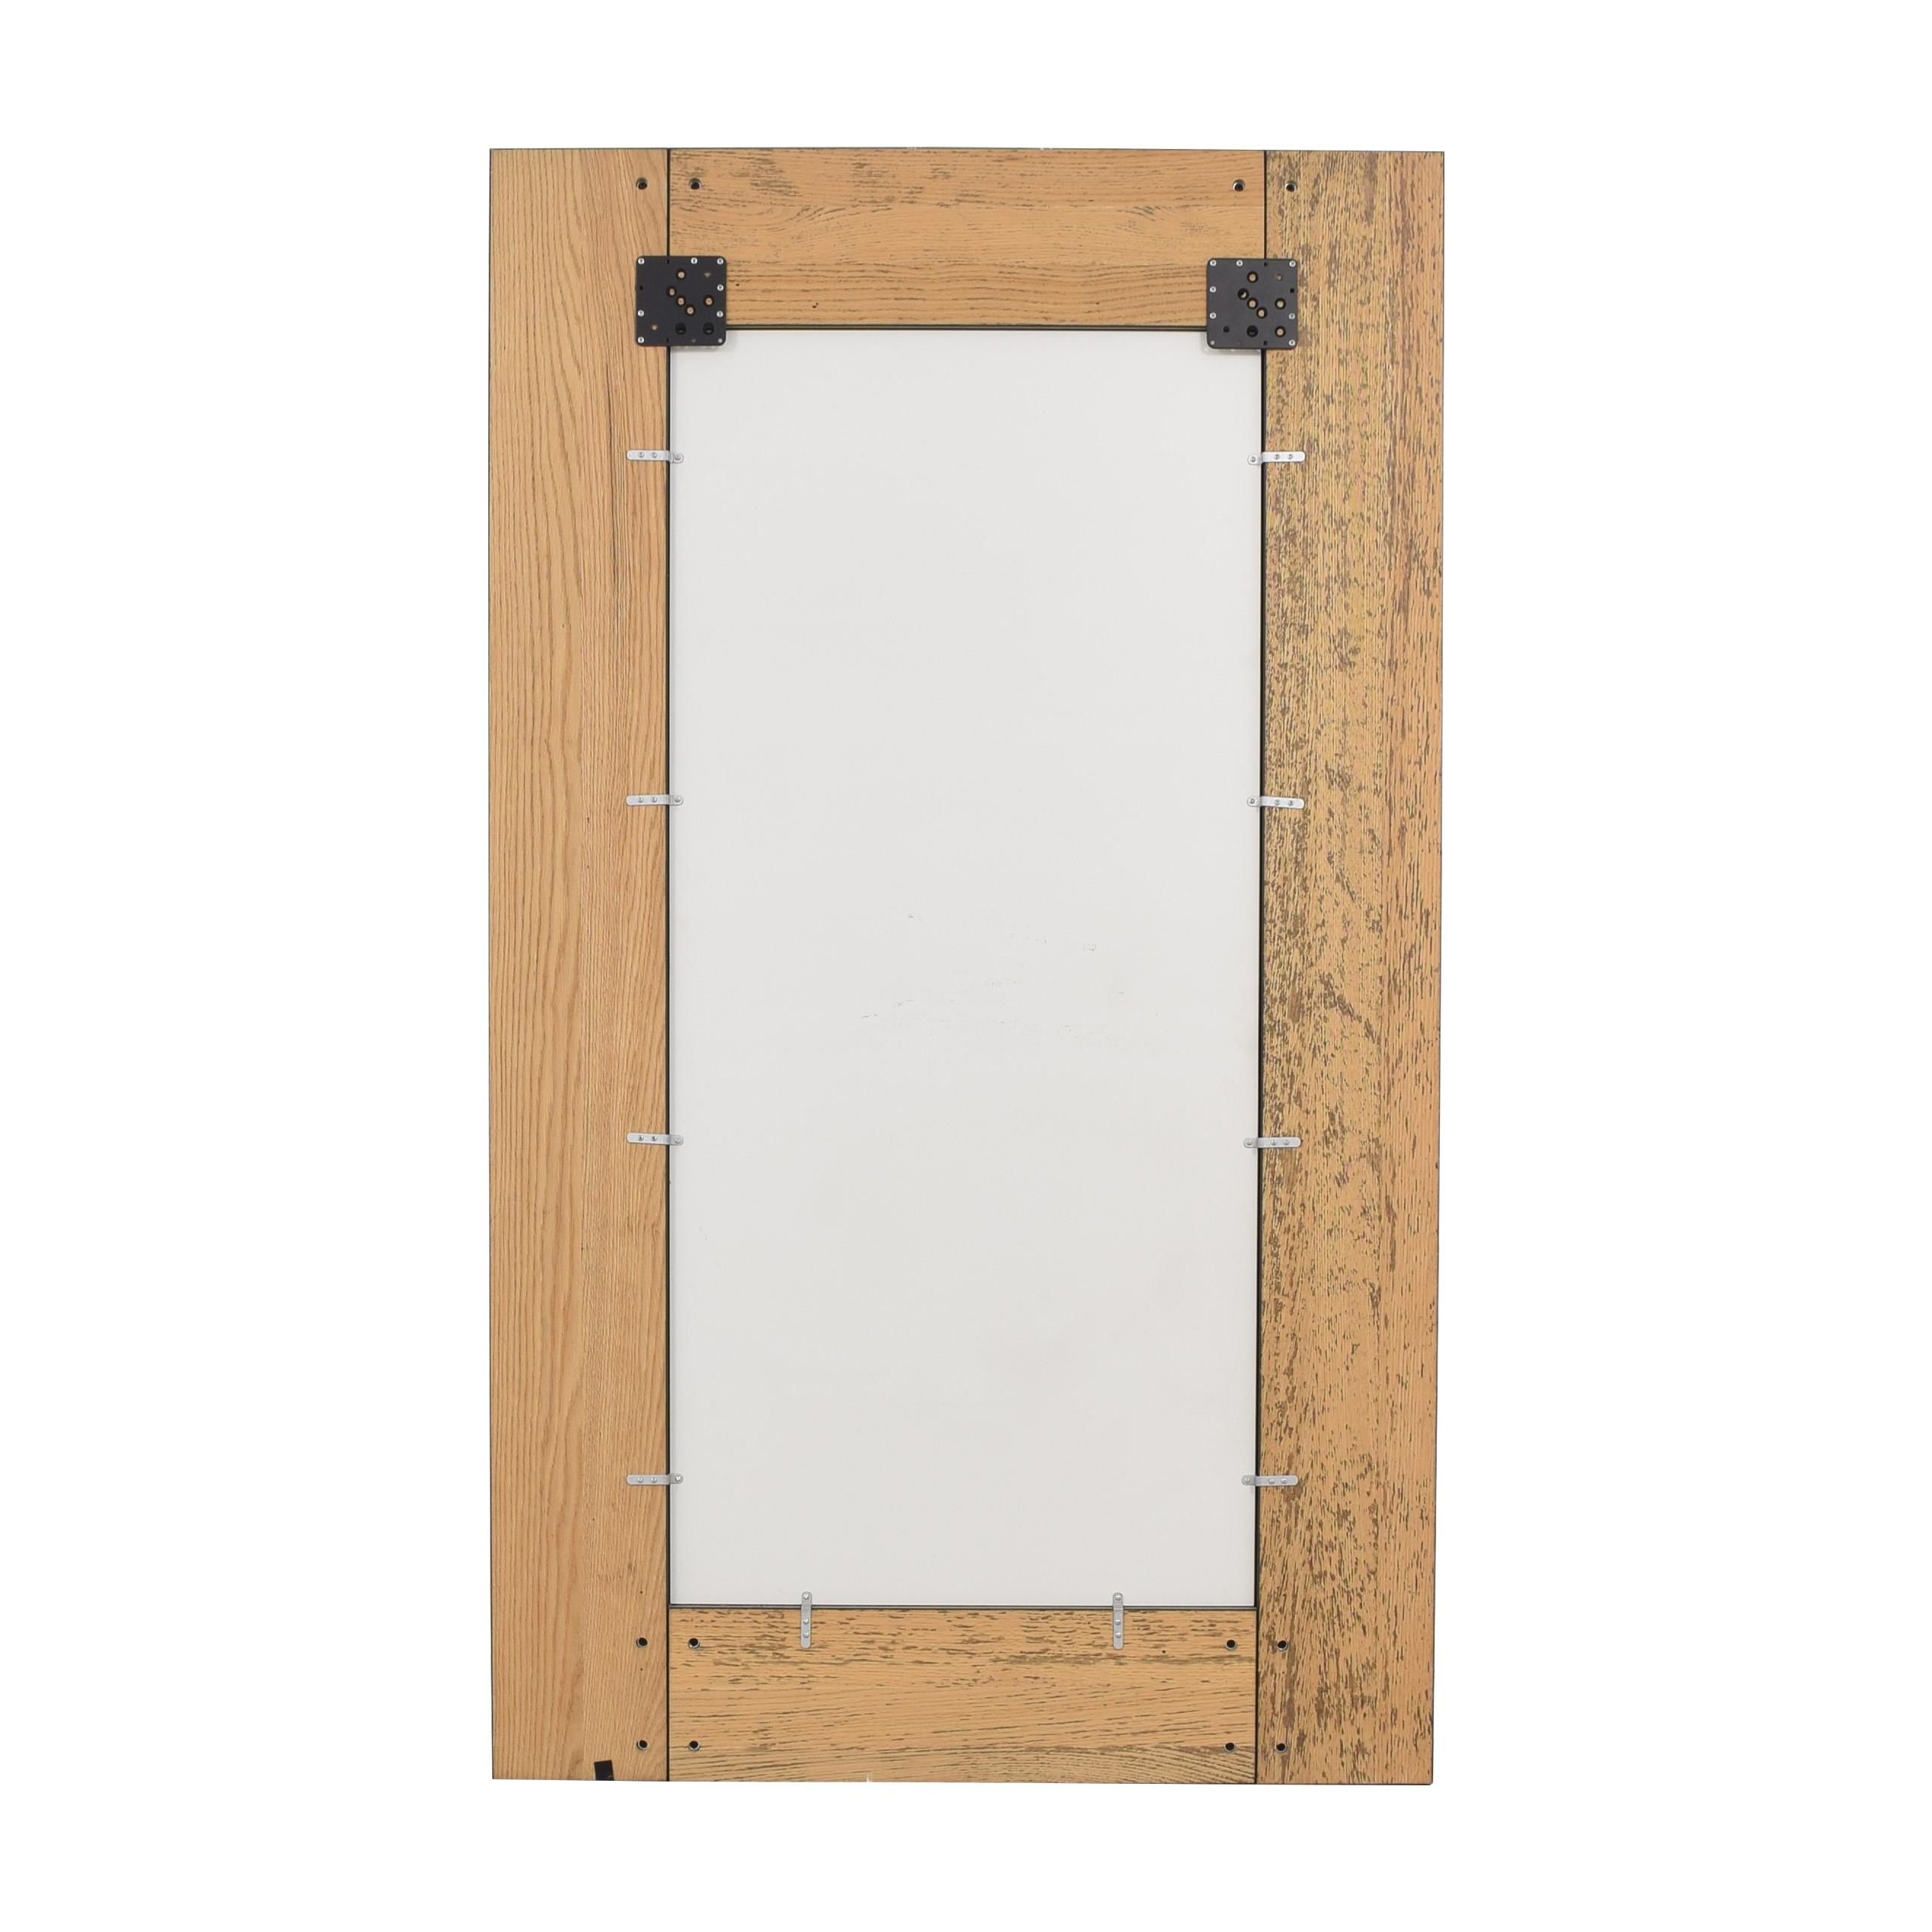 BoConcept BoConcept Floor Mirror dimensions